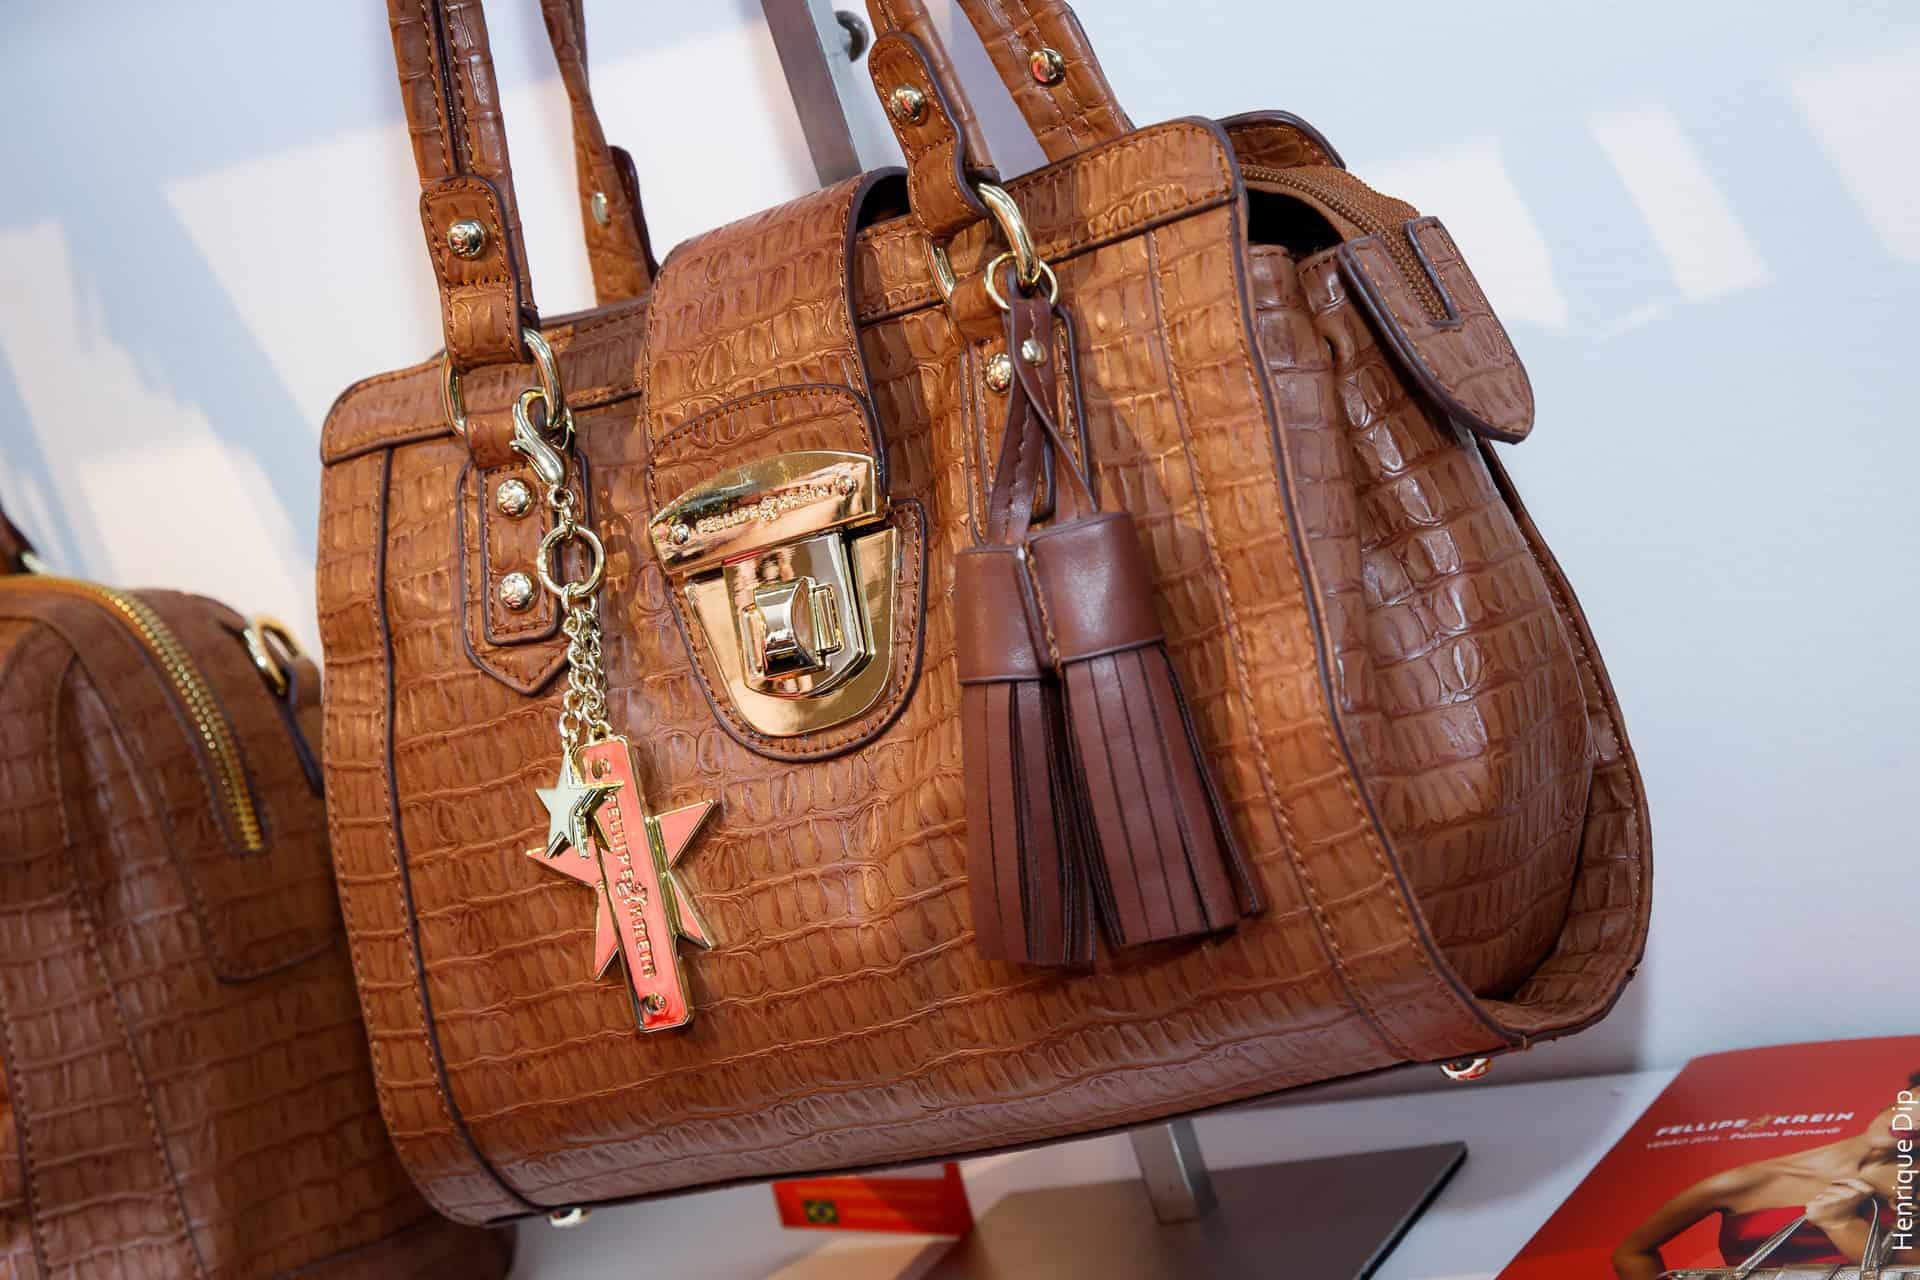 6195d5b45 Se vocês gostaram das bolsas, a coleção Fellipe Krein by Paloma Bernardi  chega à loja conceito da marca localizada no Shopping Anália Franco, em São  Paulo e ...